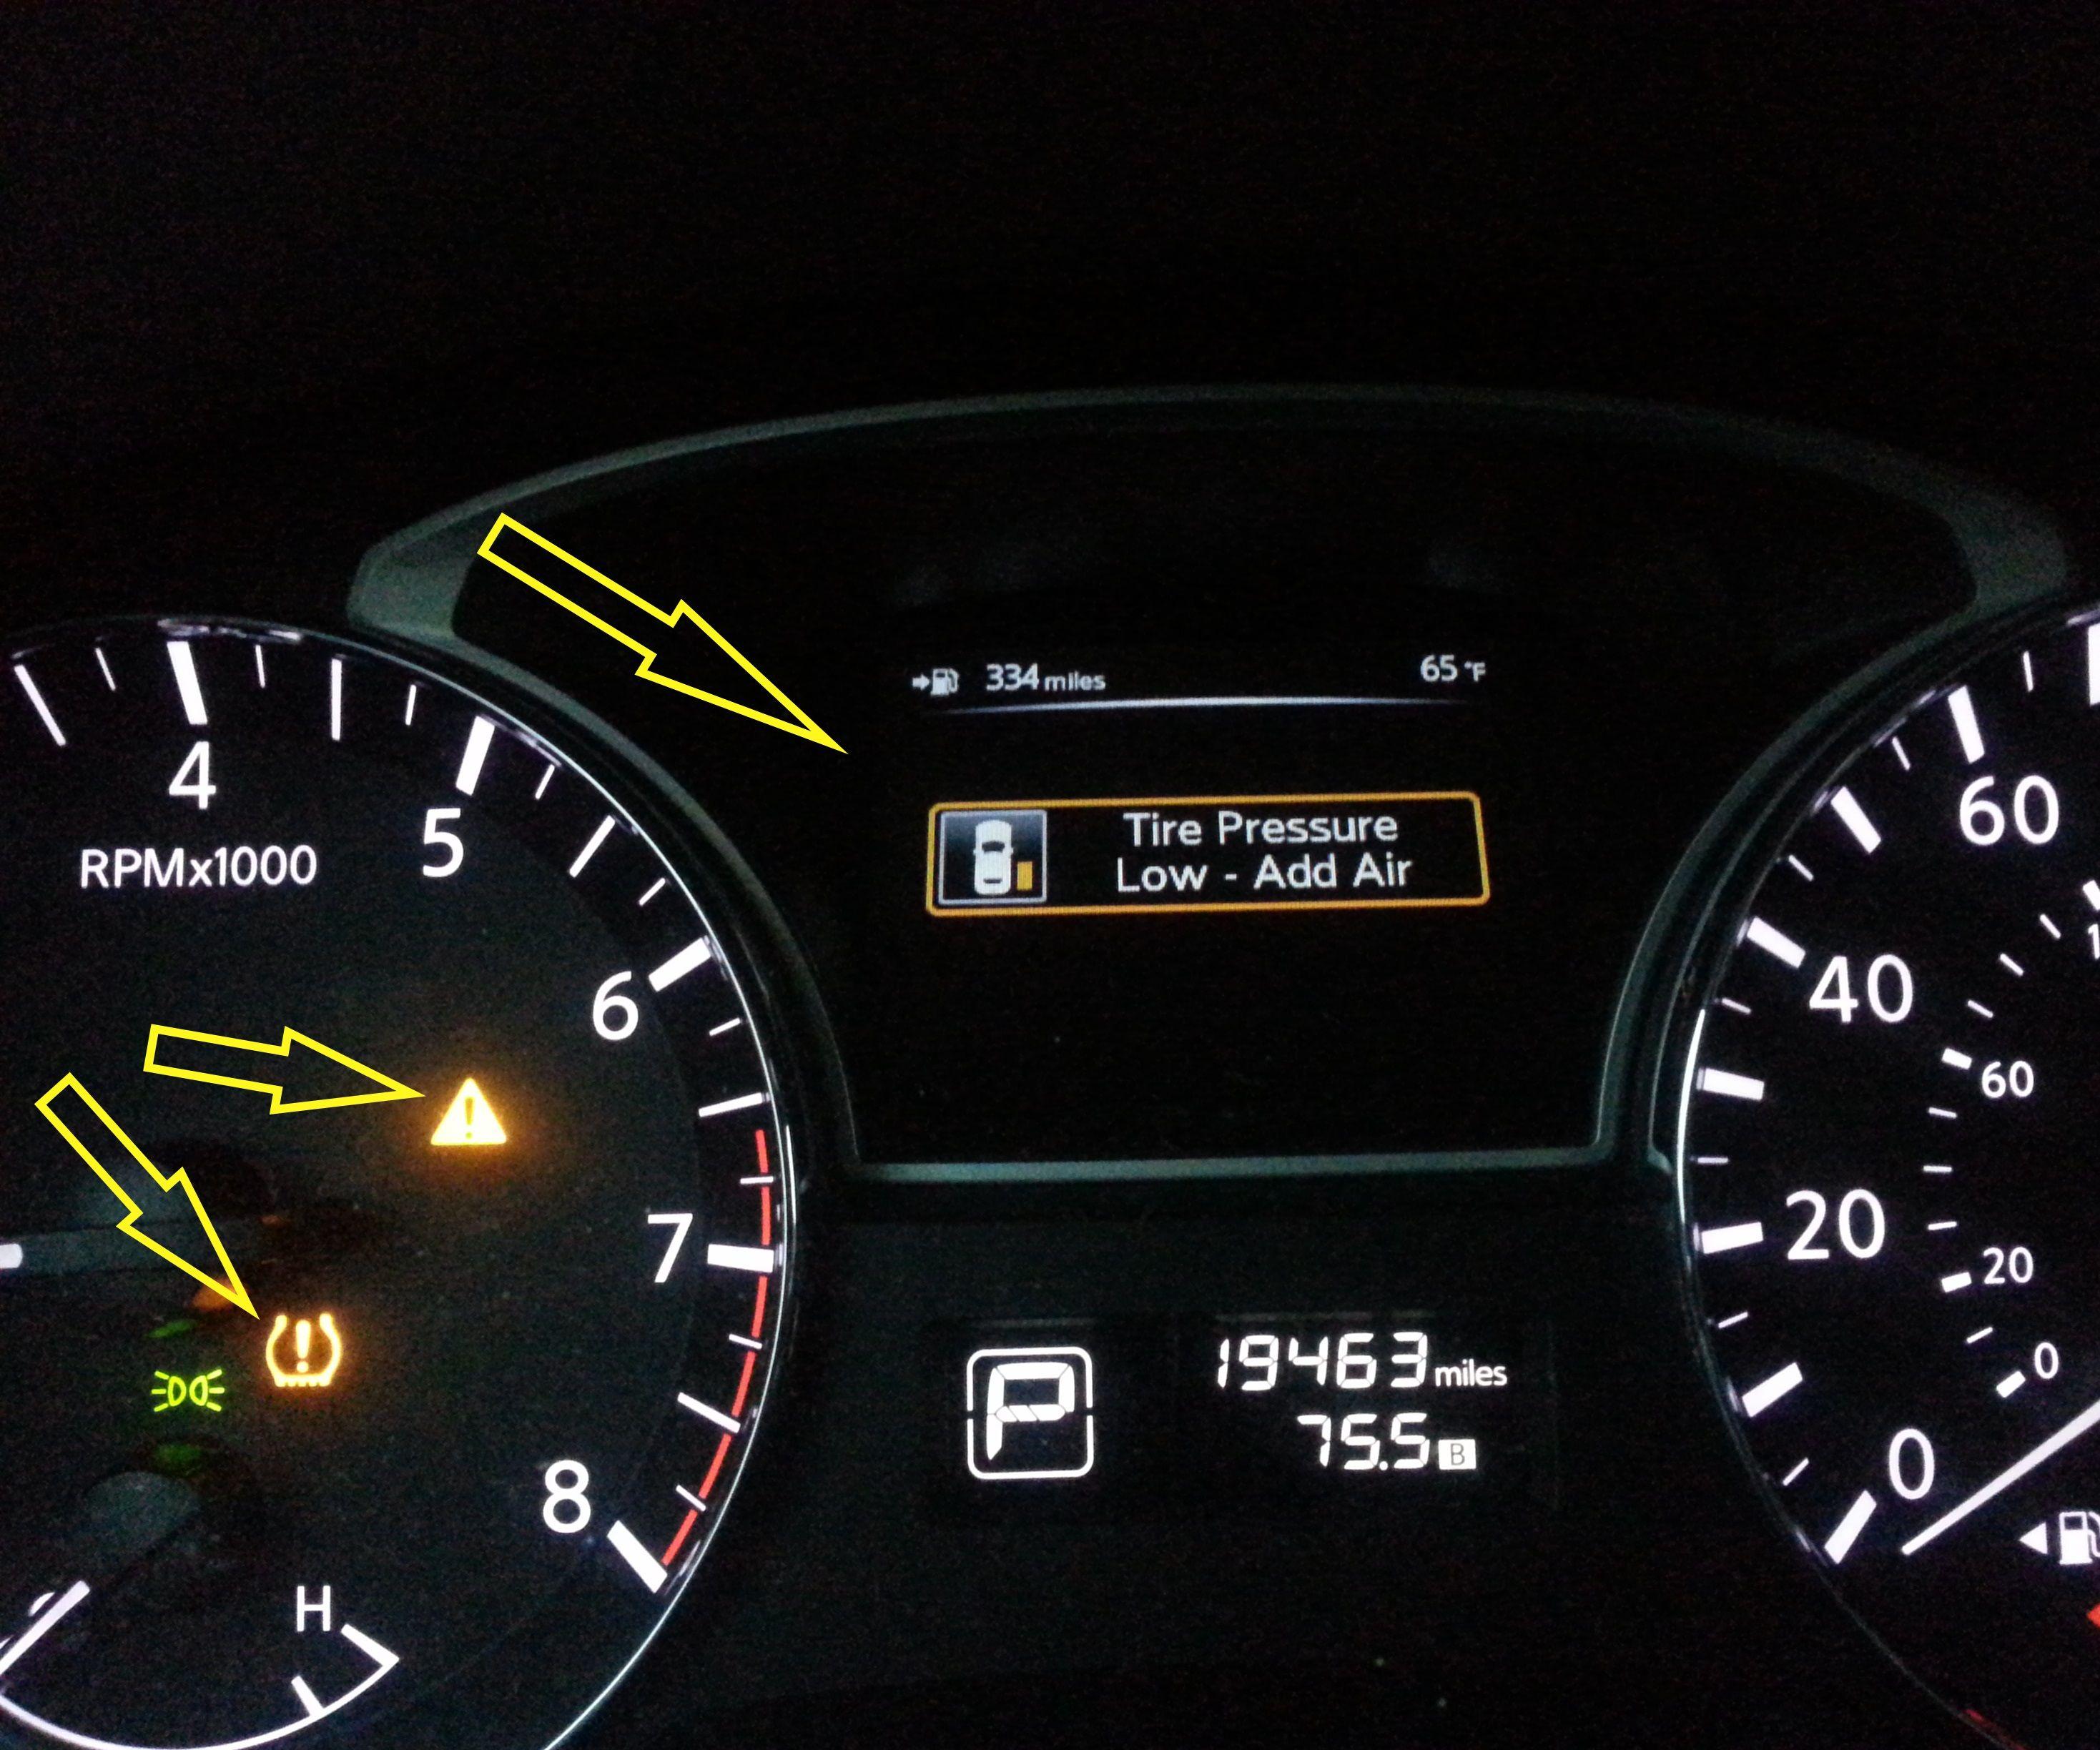 Hyundai Elantra: TPMS Sensor. Repair procedures